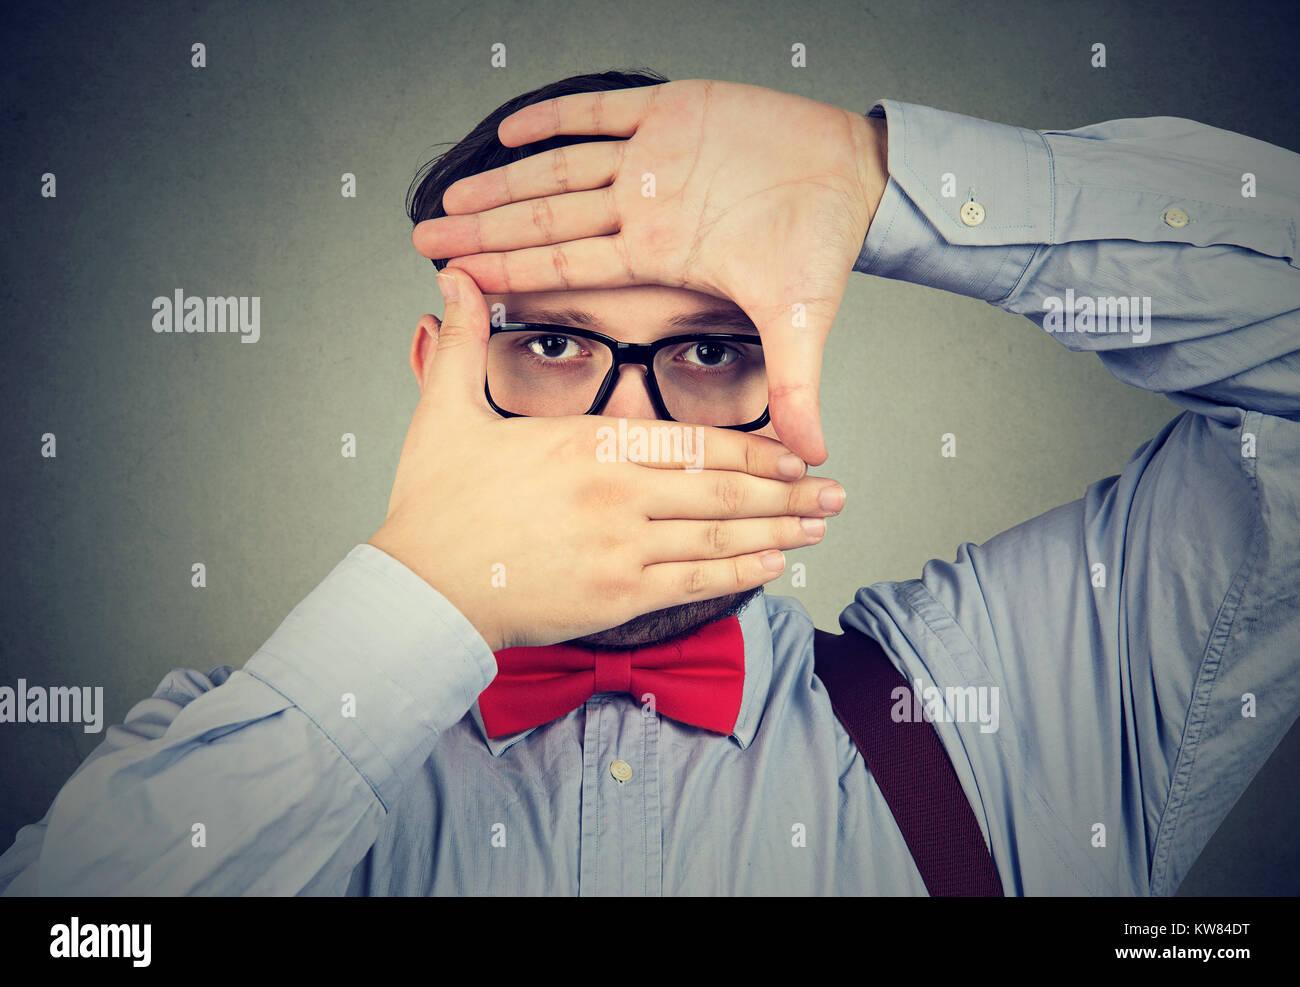 Chunky uomo rendendo il telaio e guardando la telecamera con visione limitata. Immagini Stock